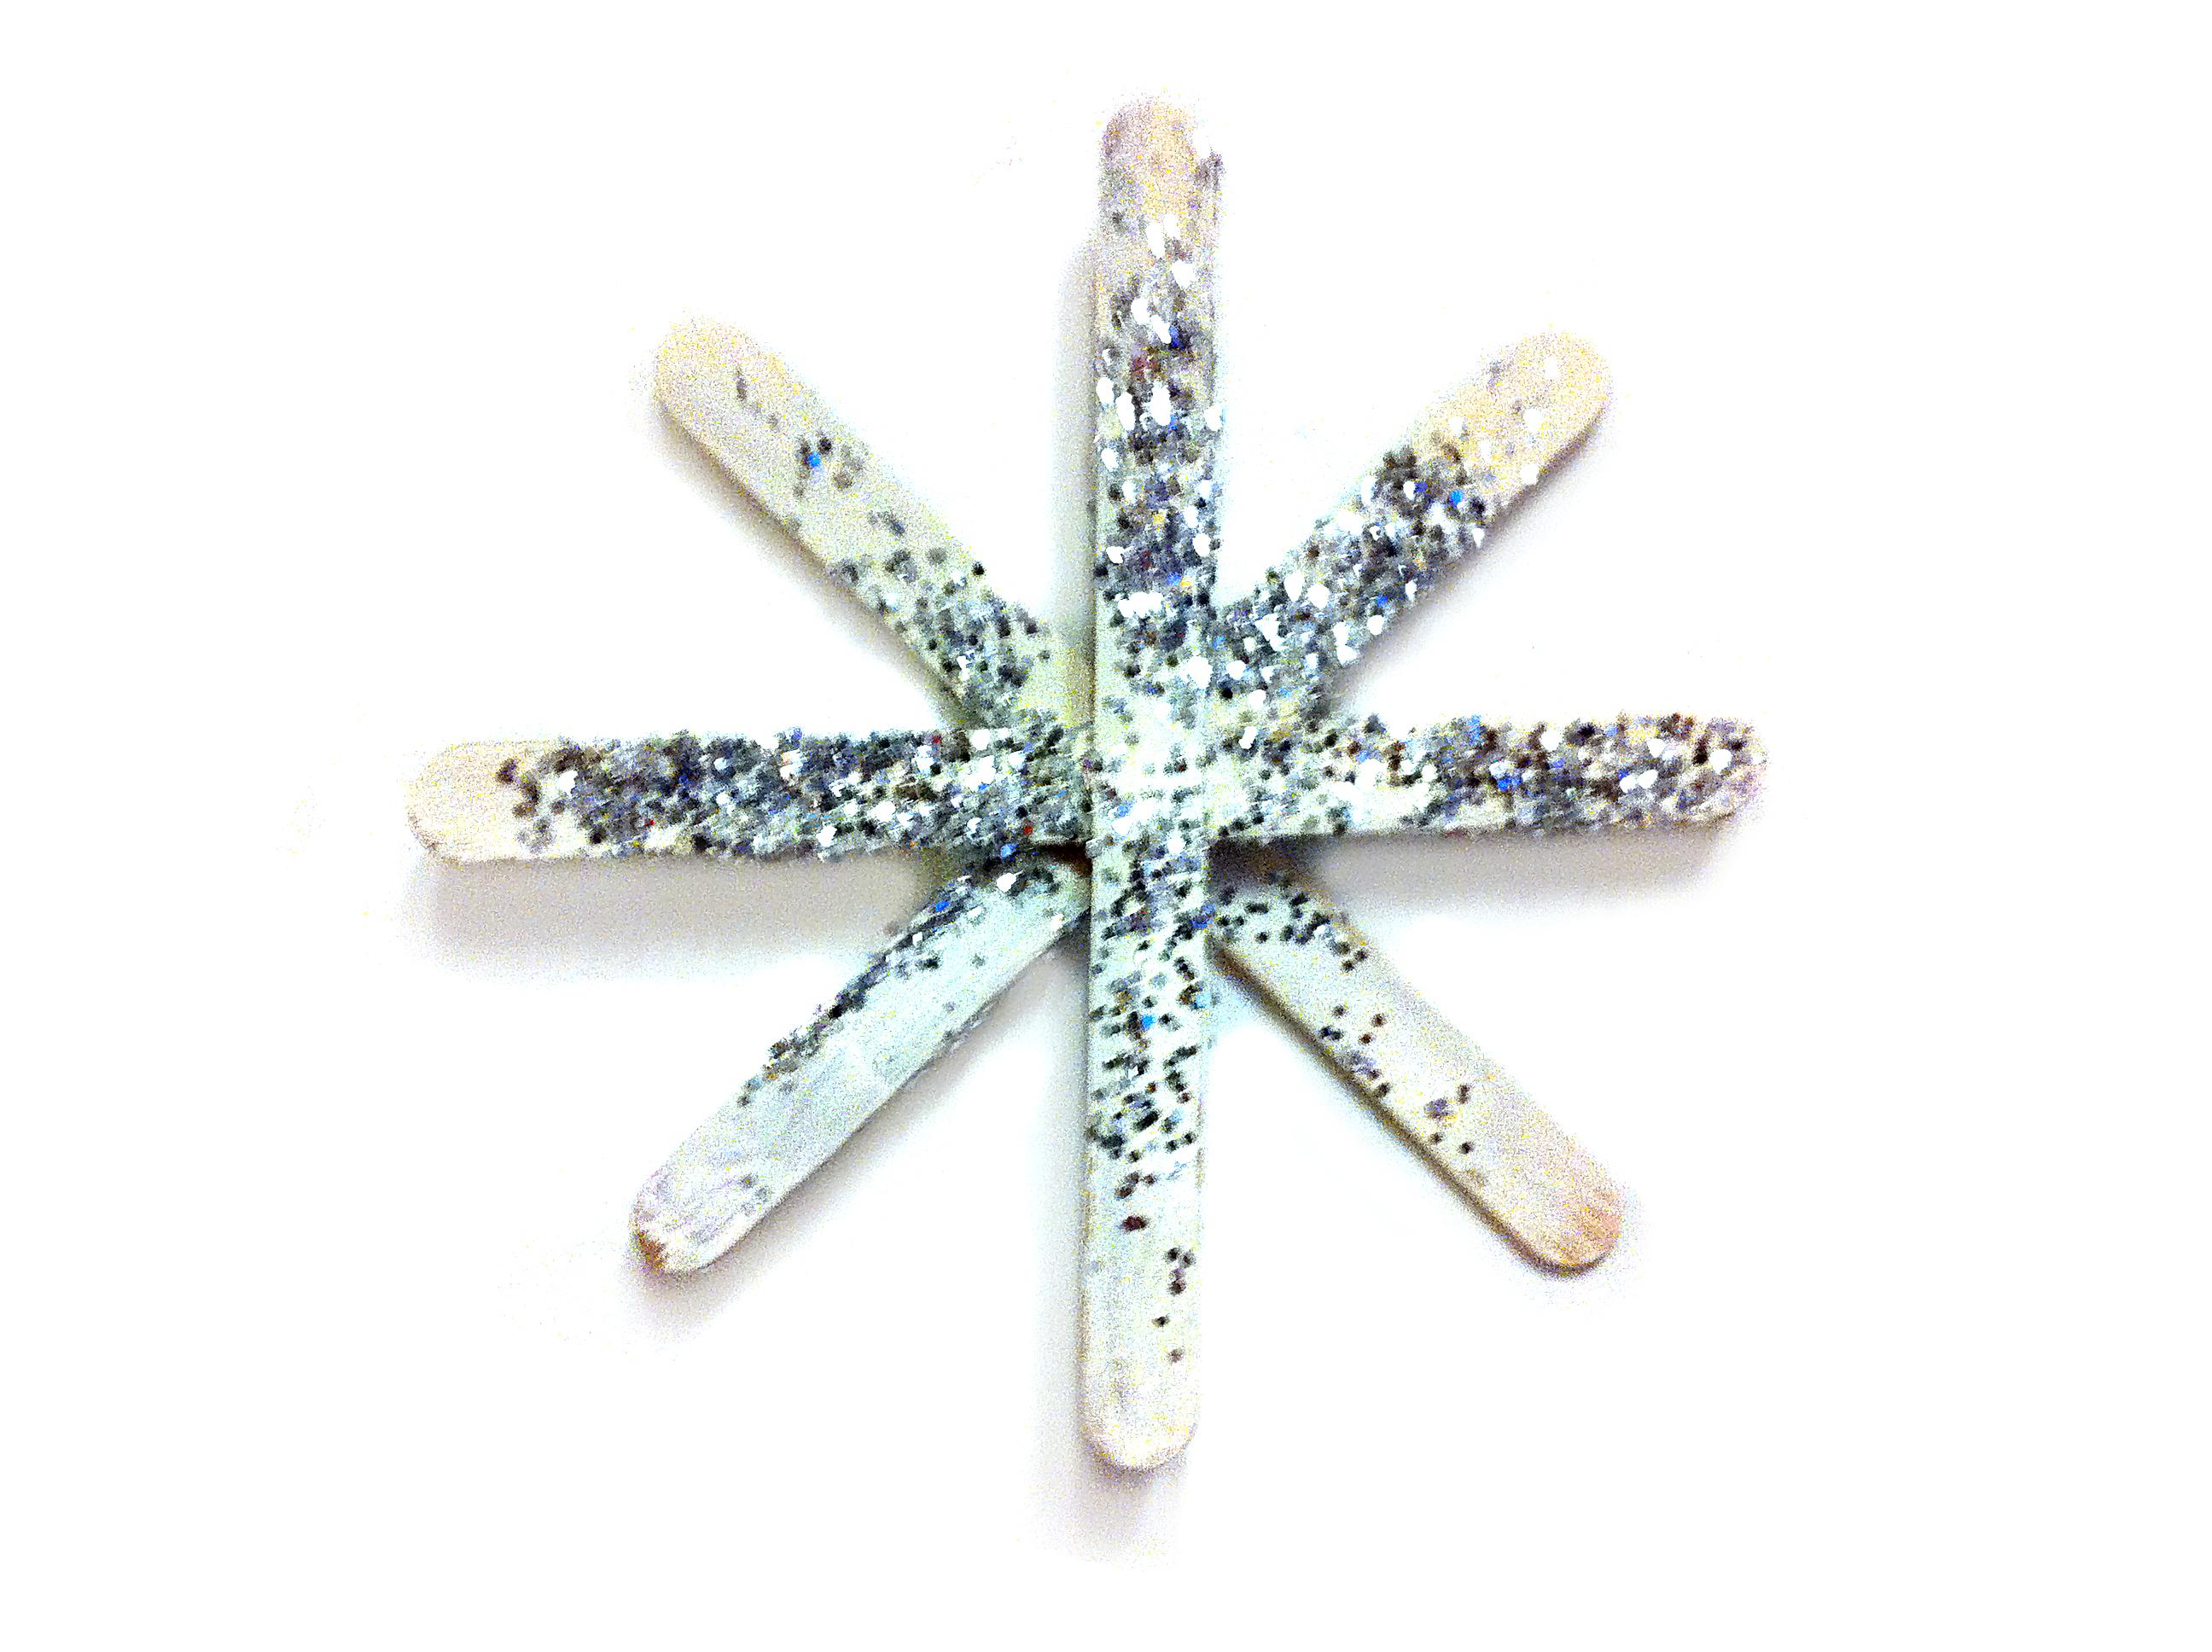 lage ting av ispinner